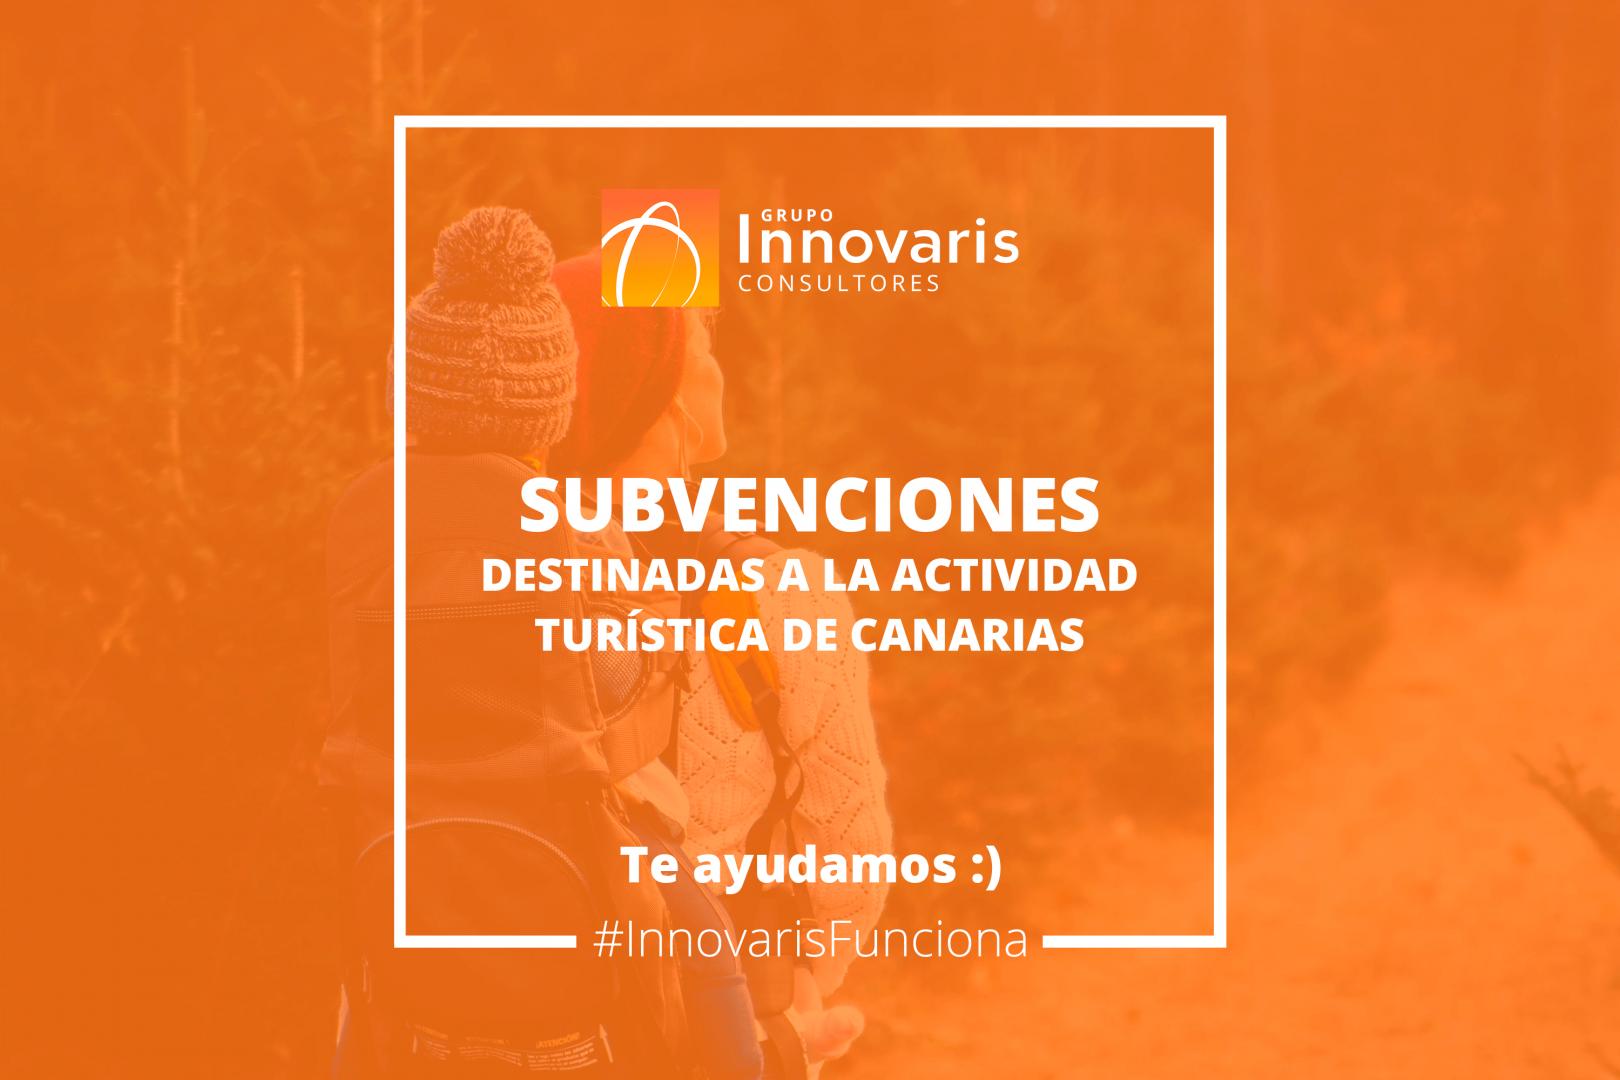 subvenciones destinadas a revitalizar, modernizar y apoyar la actividad turística de la Comunidad Autónoma de Canarias